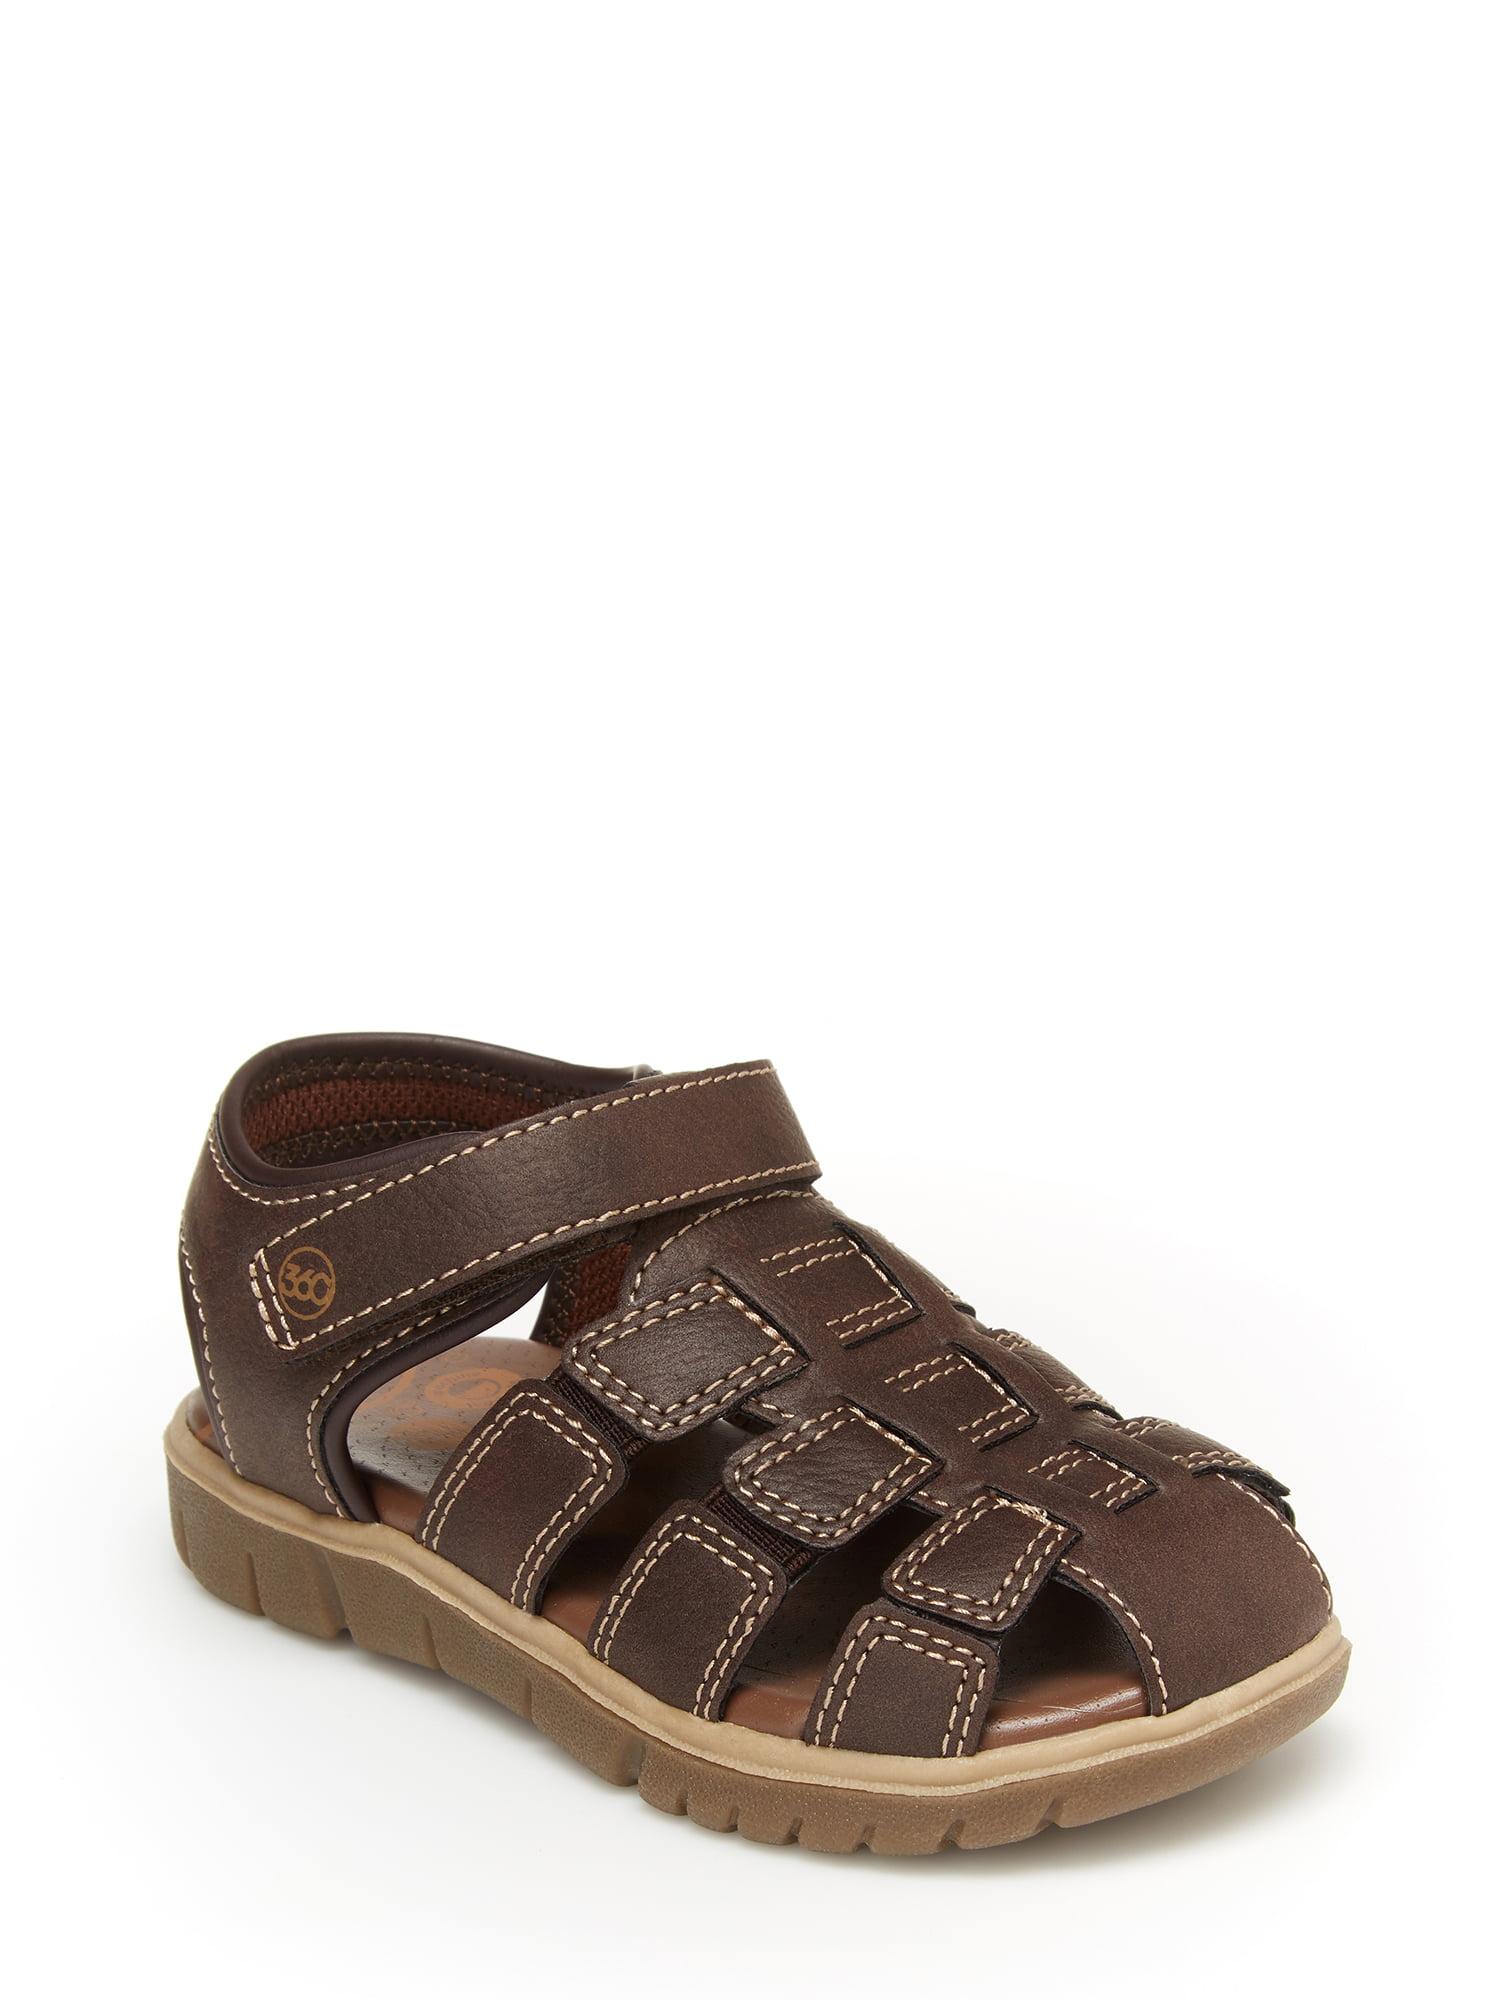 Stride Rite 360 Issac Sandals (Toddler